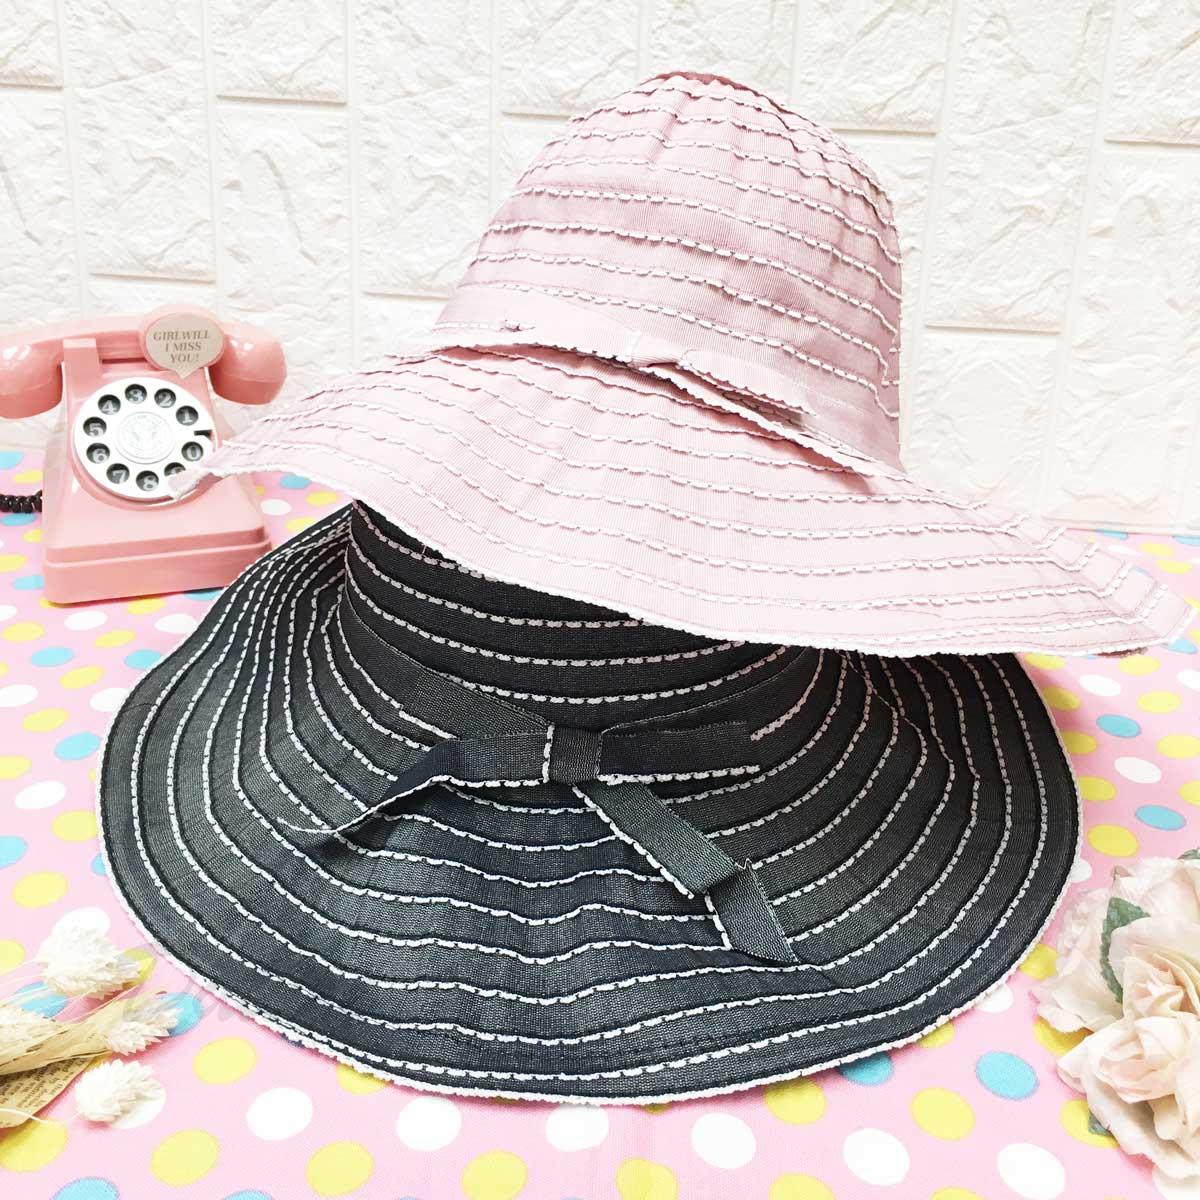 花邊 配色 蝴蝶結 鐵邊可彎曲造型 頭圍可調鬆緊 帽子 遮陽帽 淑女帽